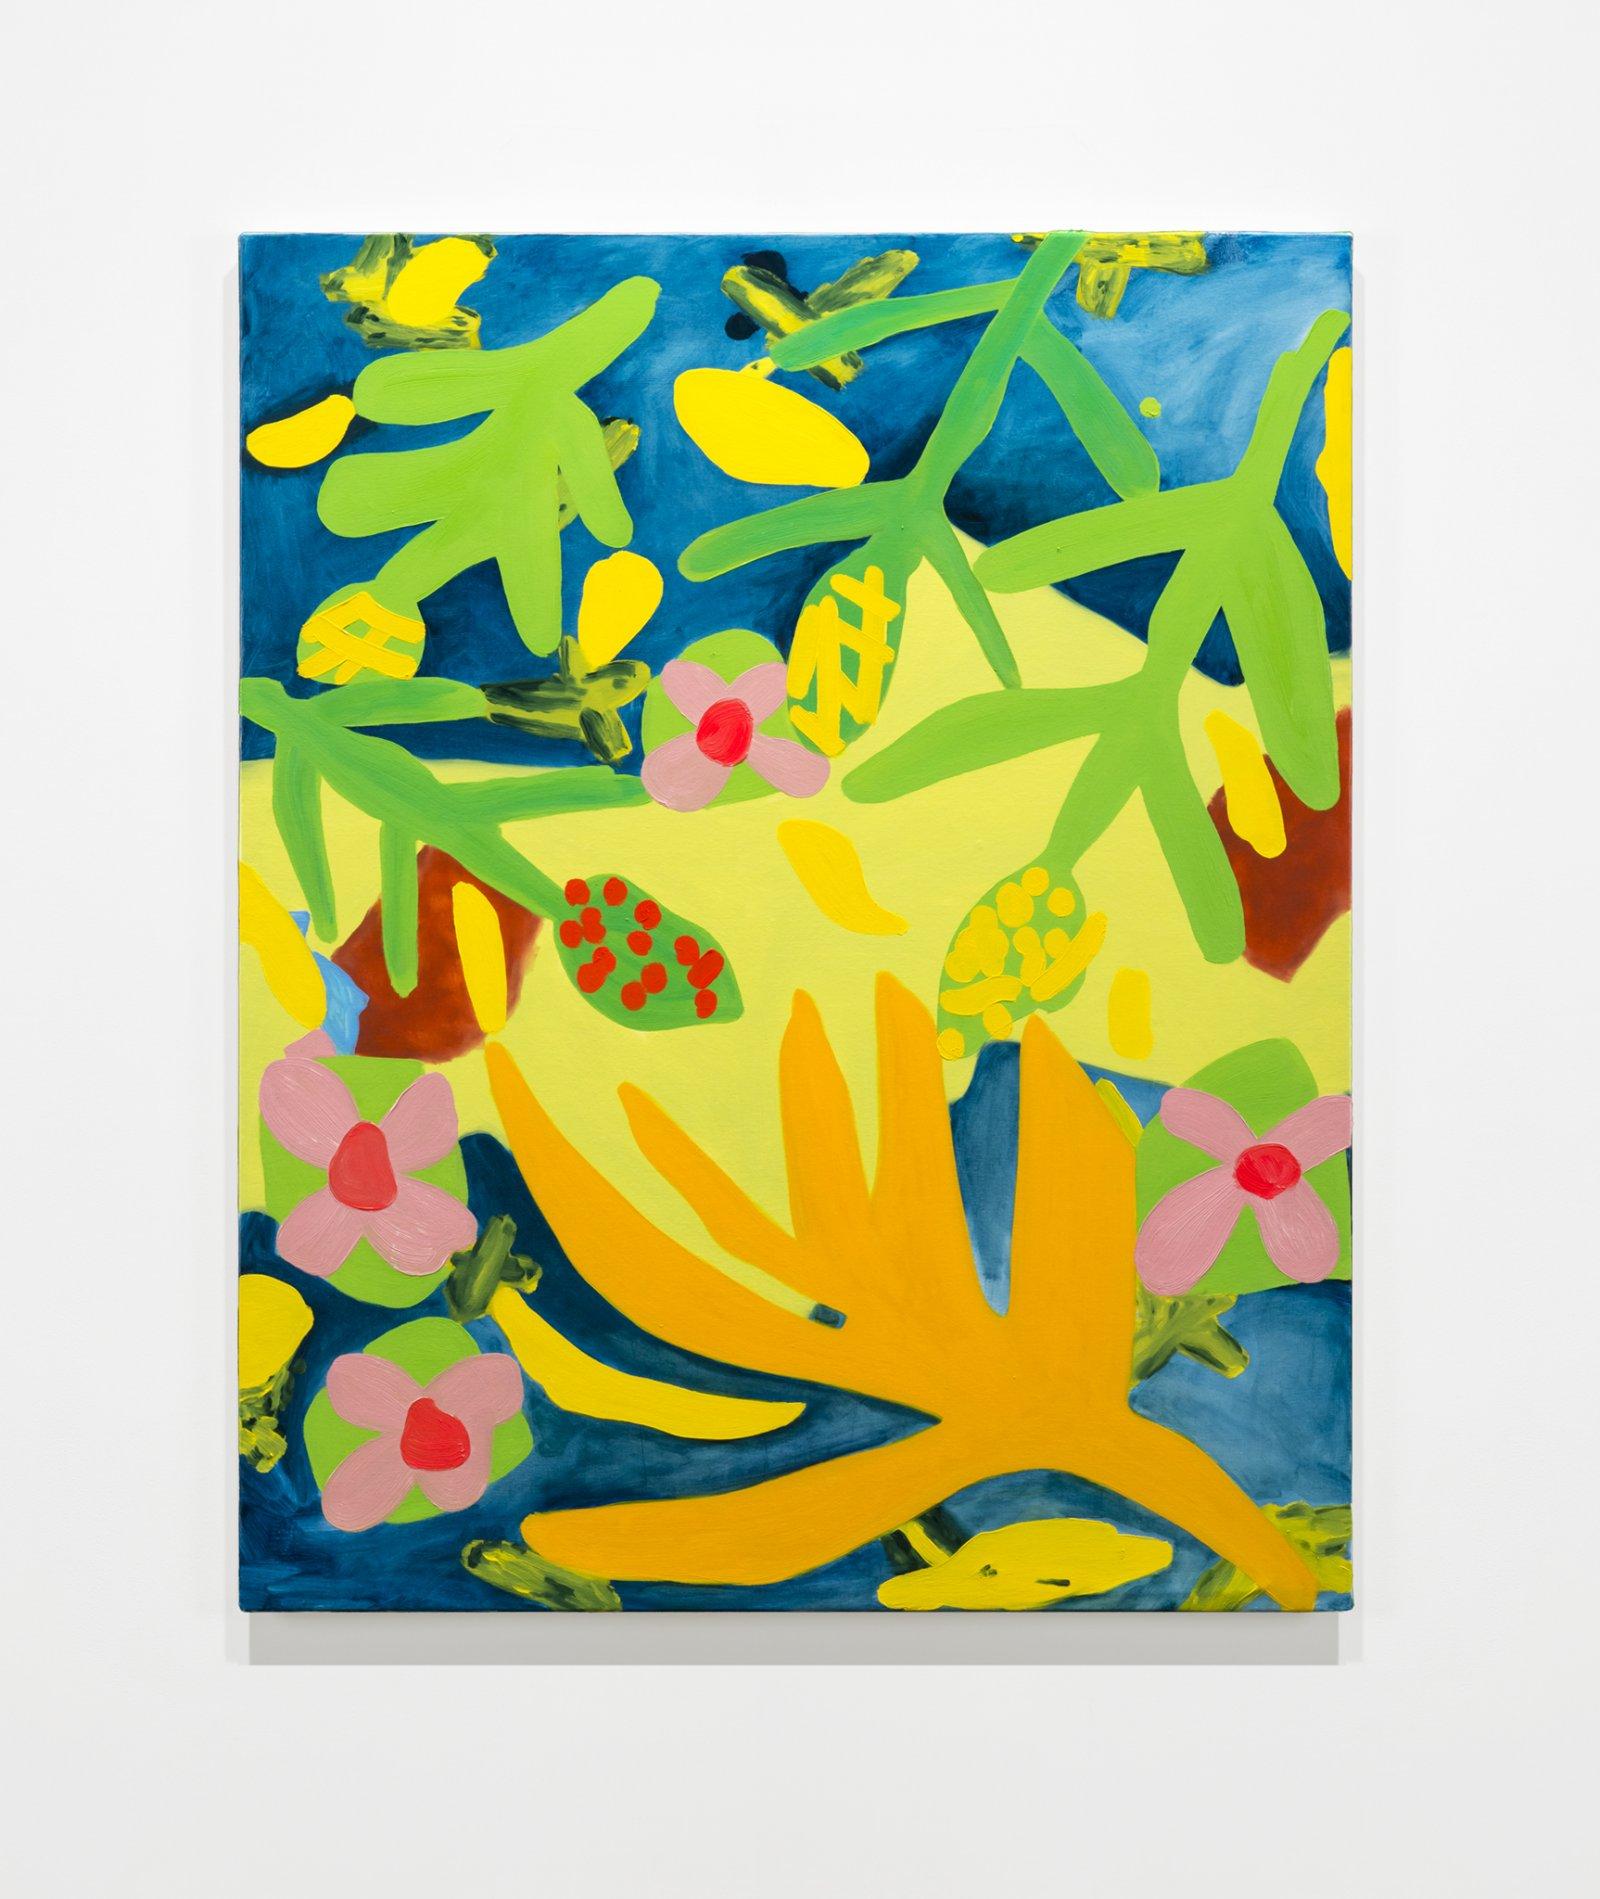 Elizabeth McIntosh, Sea Plants, 2019, oil on canvas, 39 x 31 in. (99 x 80 cm) by Elizabeth McIntosh